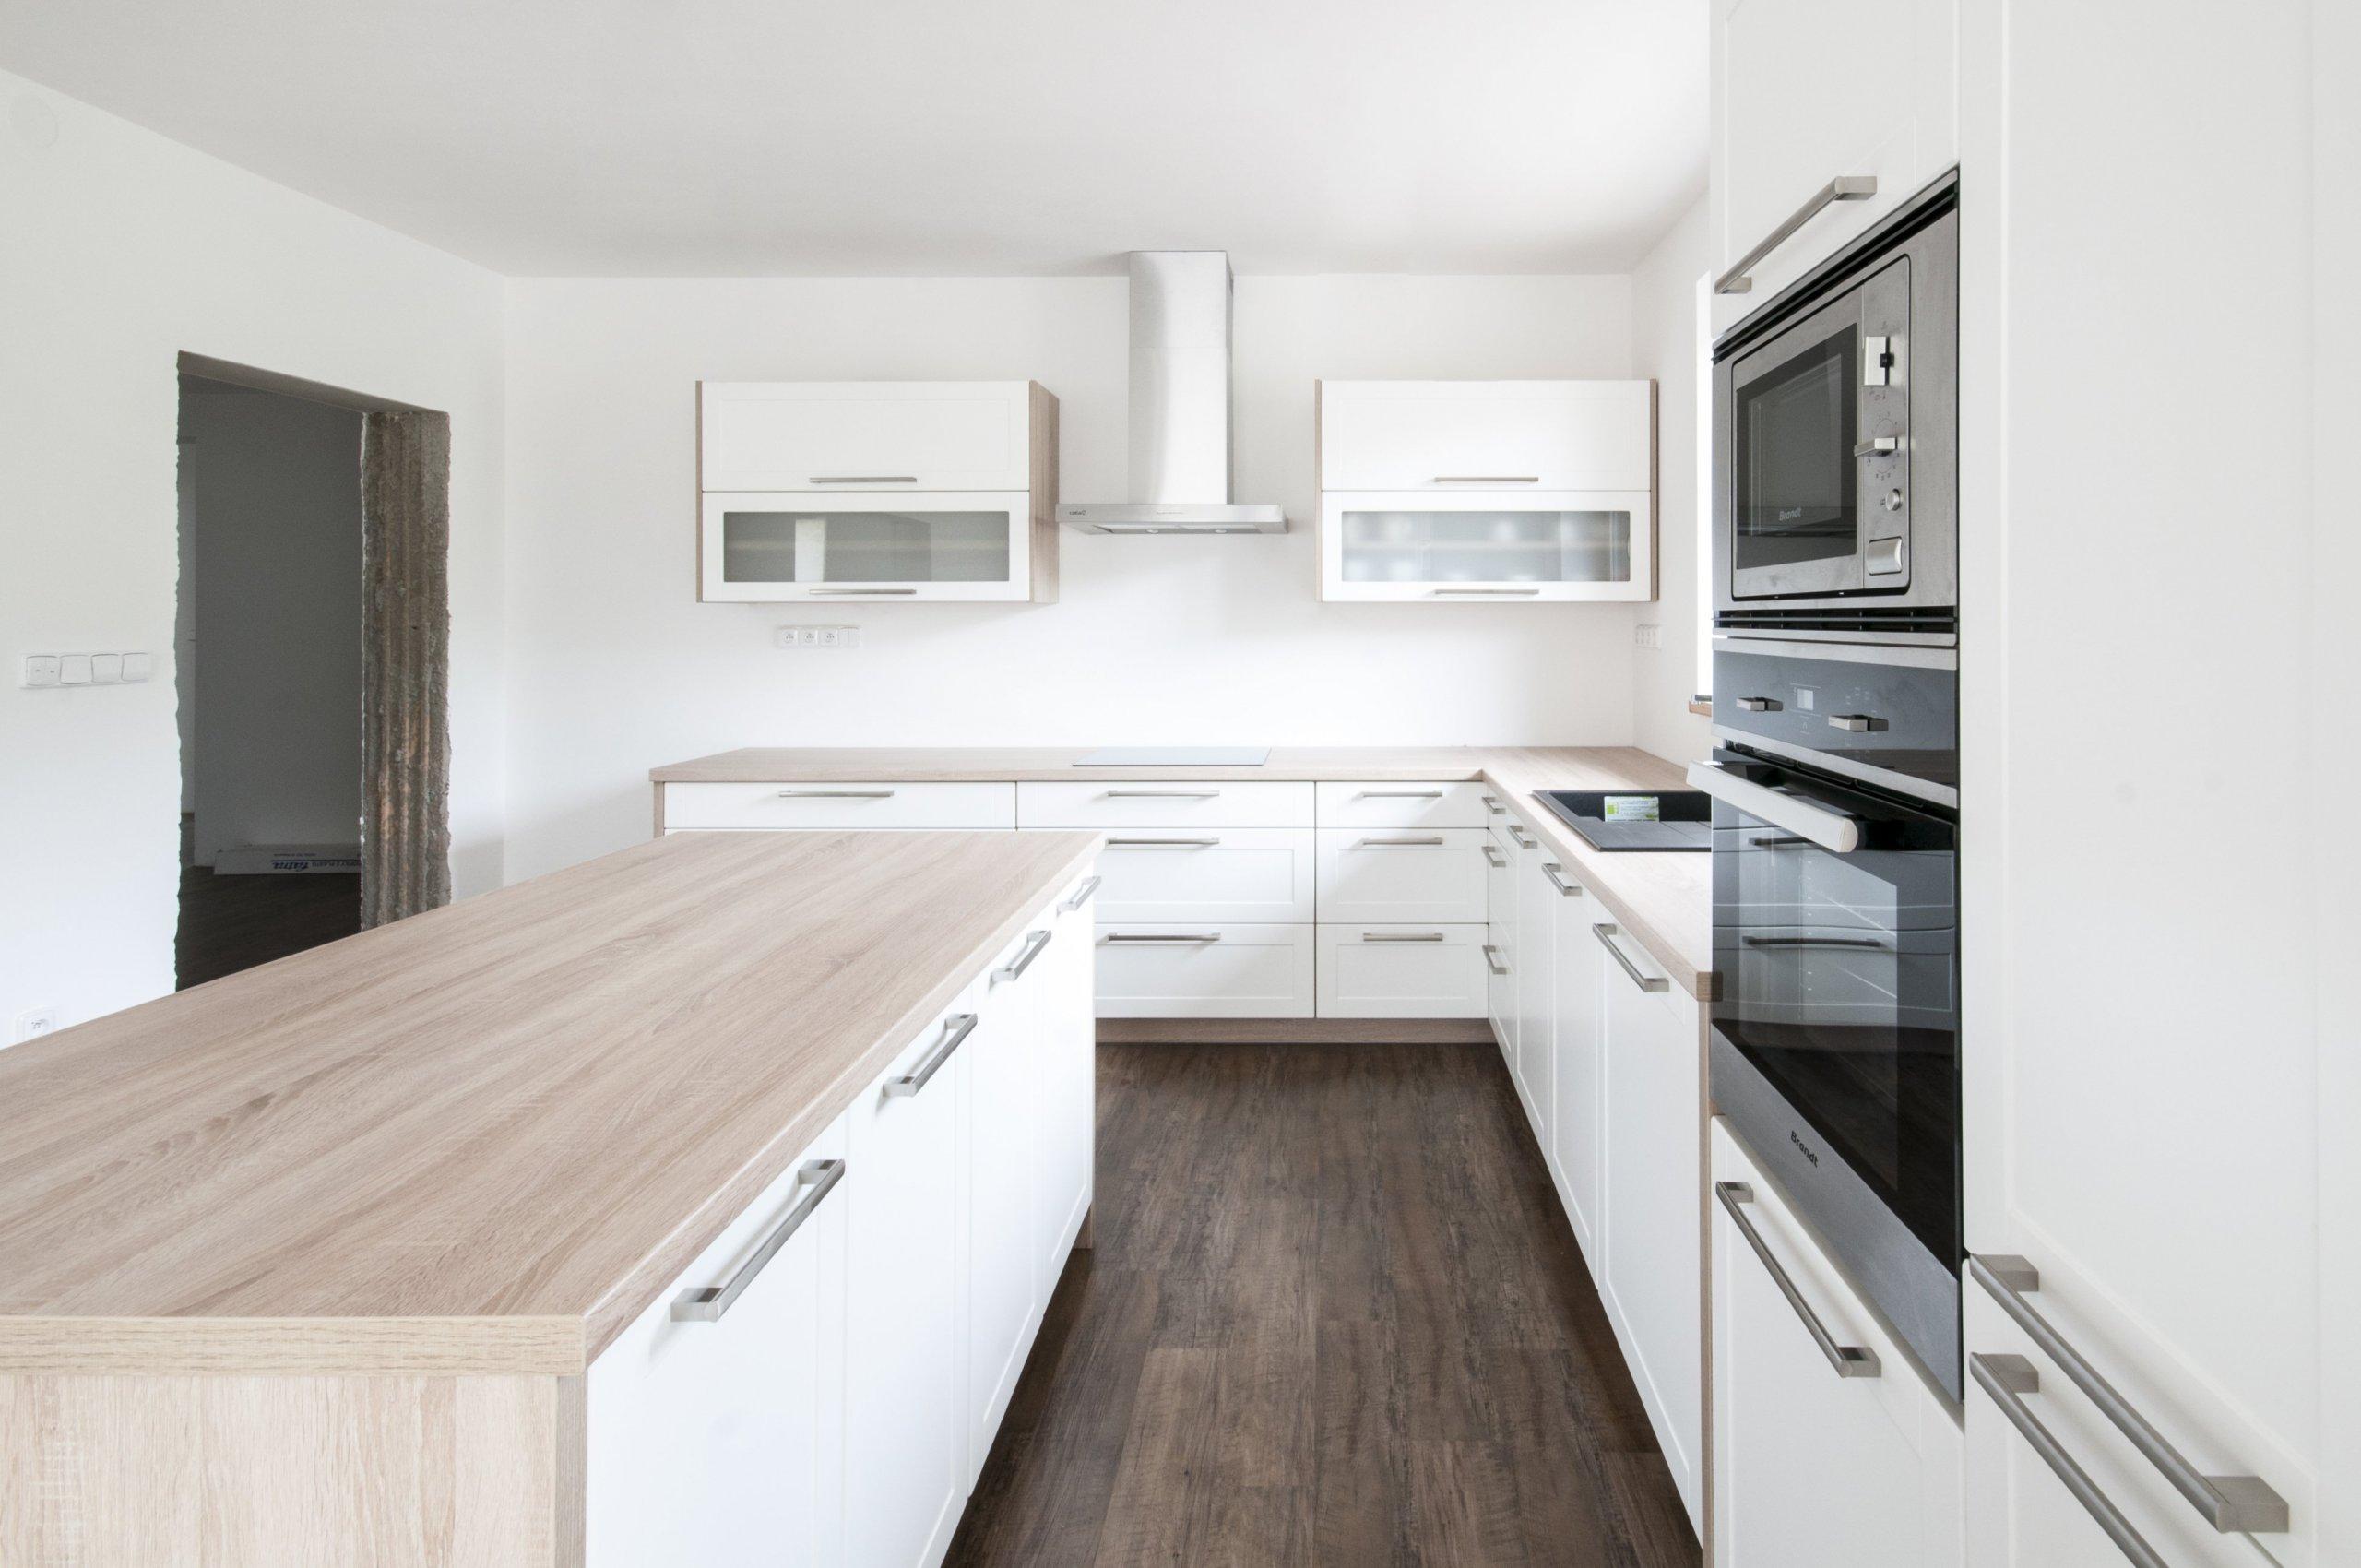 Ideální kuchyň pro mladou rodinu. Velkoryse prostorná místnost umožnila zakomponování praktického pracovního ostrůvku. Z technických prvků stojí za zmínku…